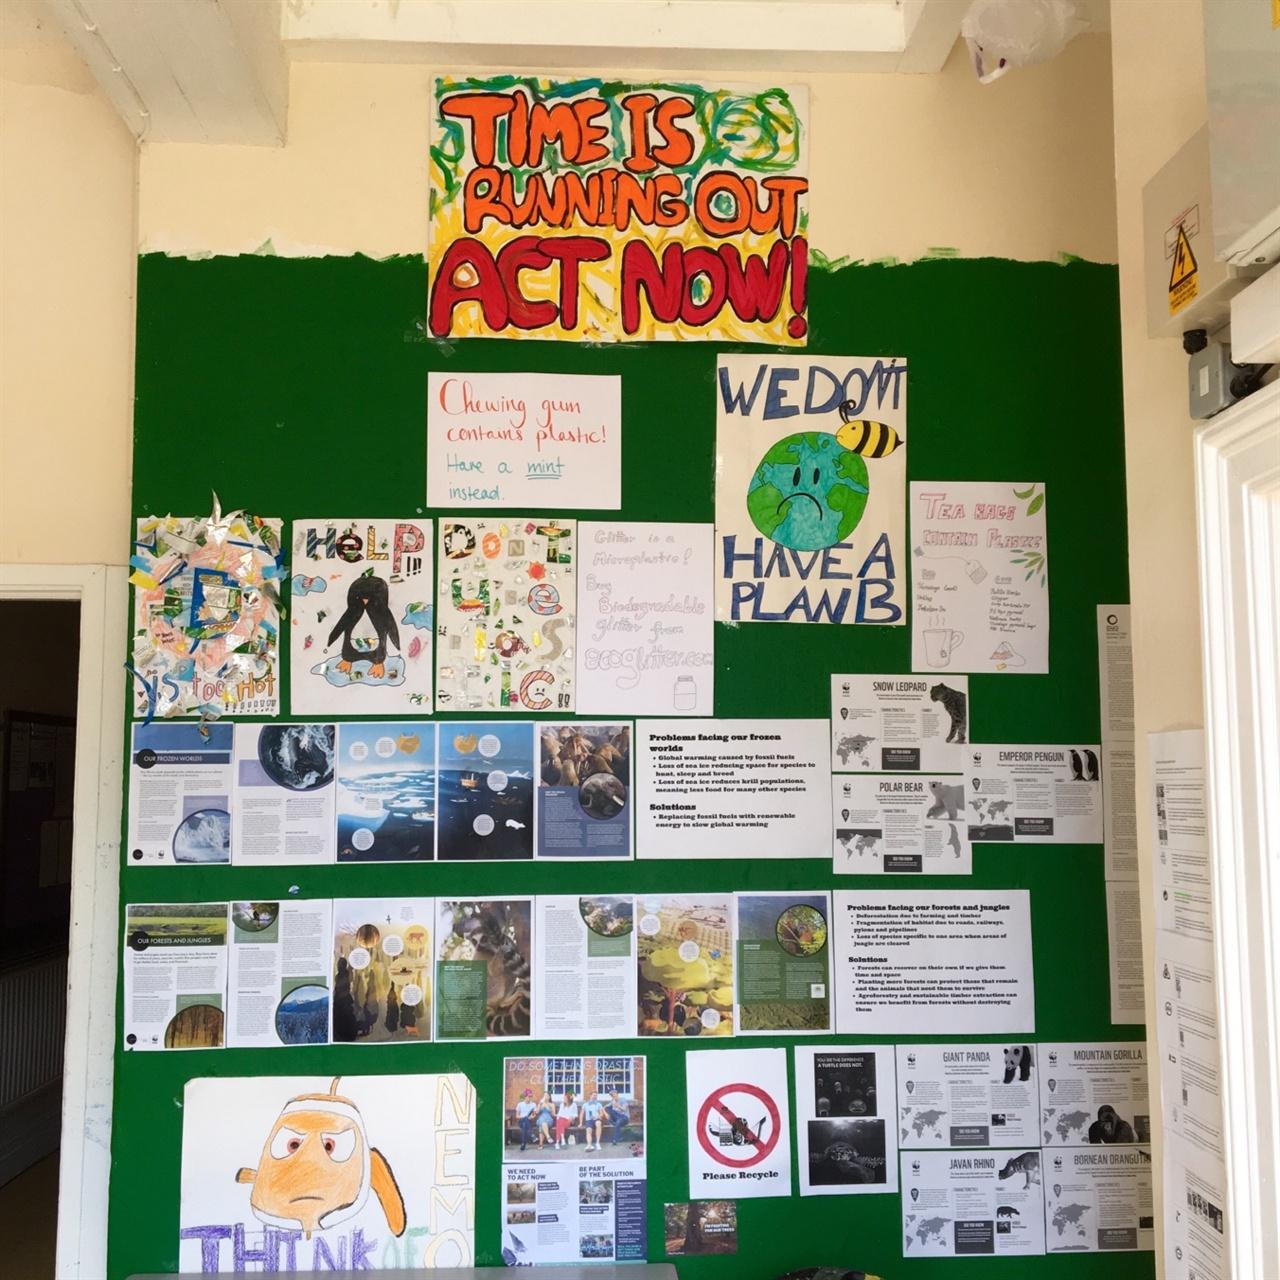 학생들이 설렁설렁 살 것이라 상상해서 그랬는지, 'ACT NOW'가 몹시 인상적이었다.